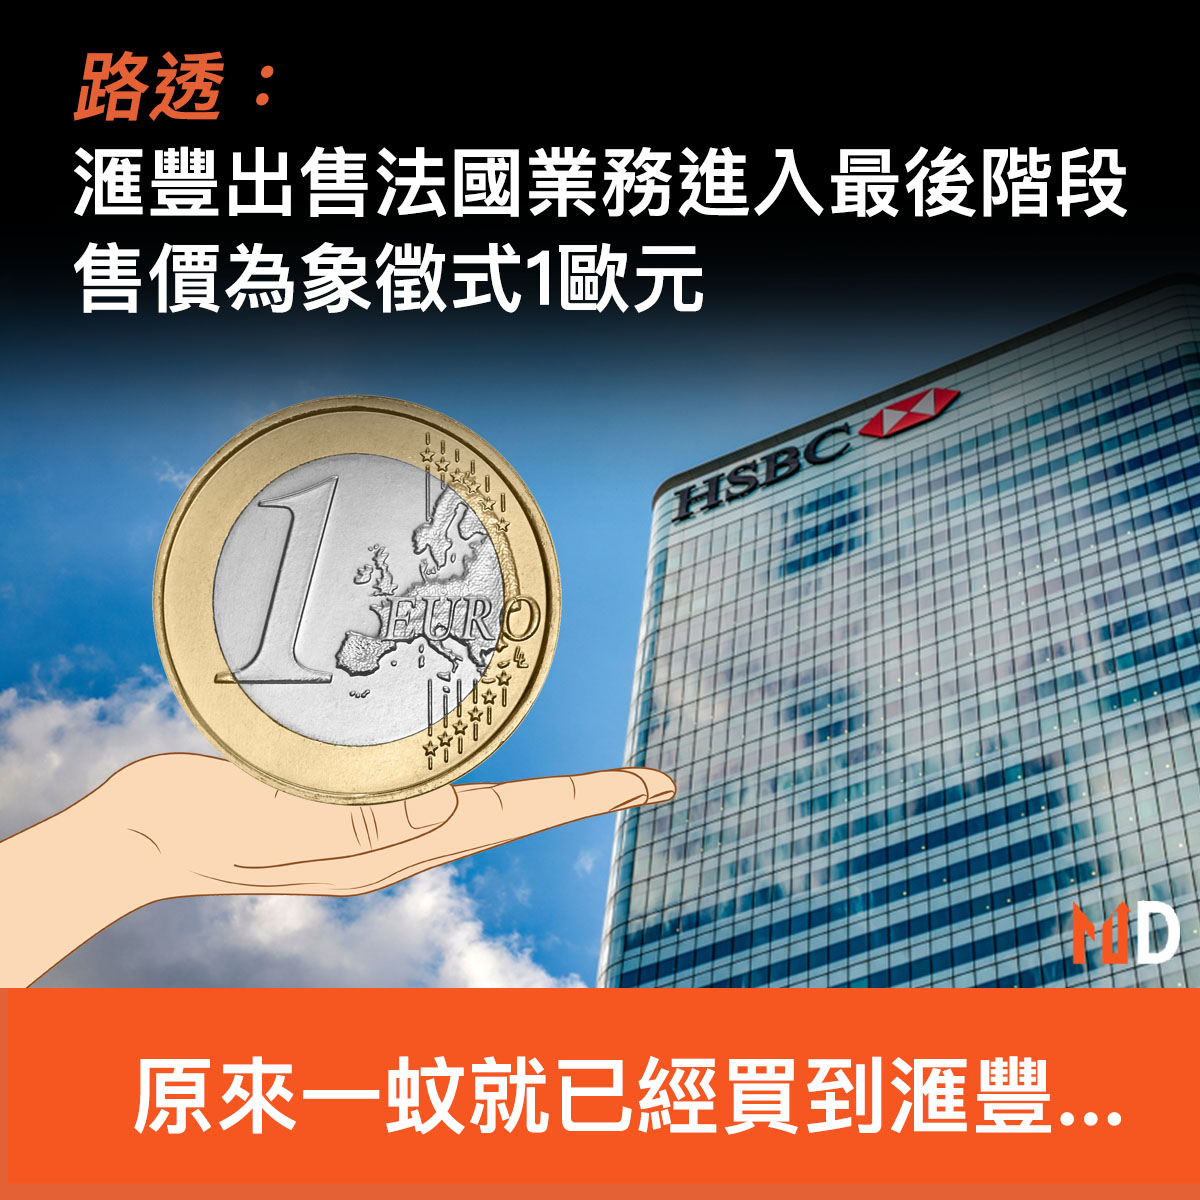 【滙豐賣資產】路透:滙豐出售法國業務進入最後階段,售價為象徵式1歐元